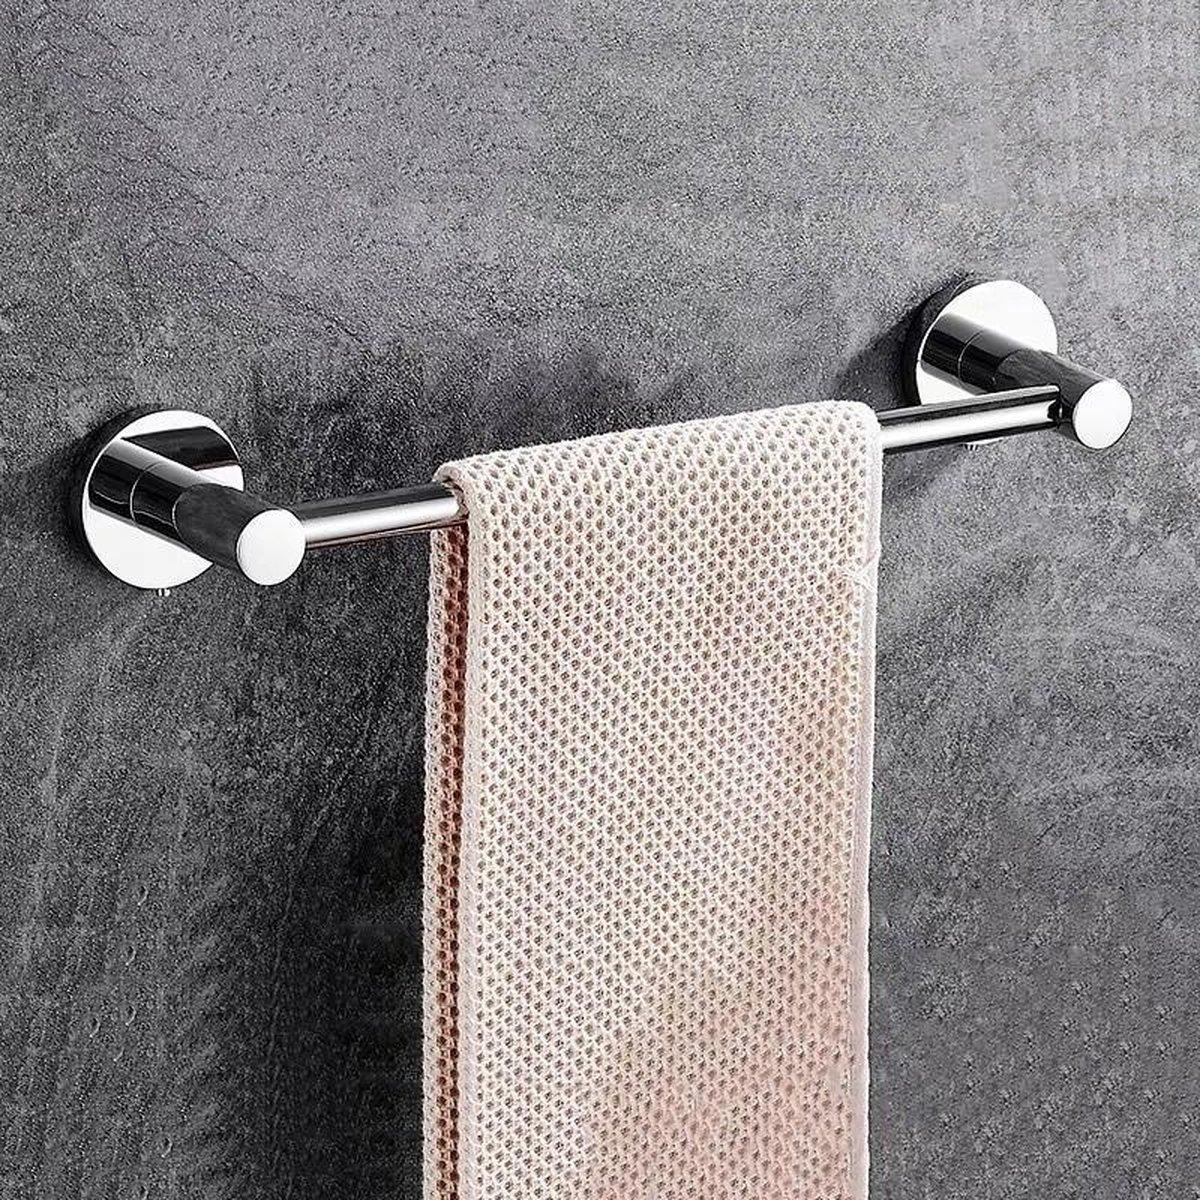 Handdoekrek Zwart Badkamer Handdoekhouder Handdoekstang Handdoek Rek - Badkamer Accessoires - 32cm - GENSTO